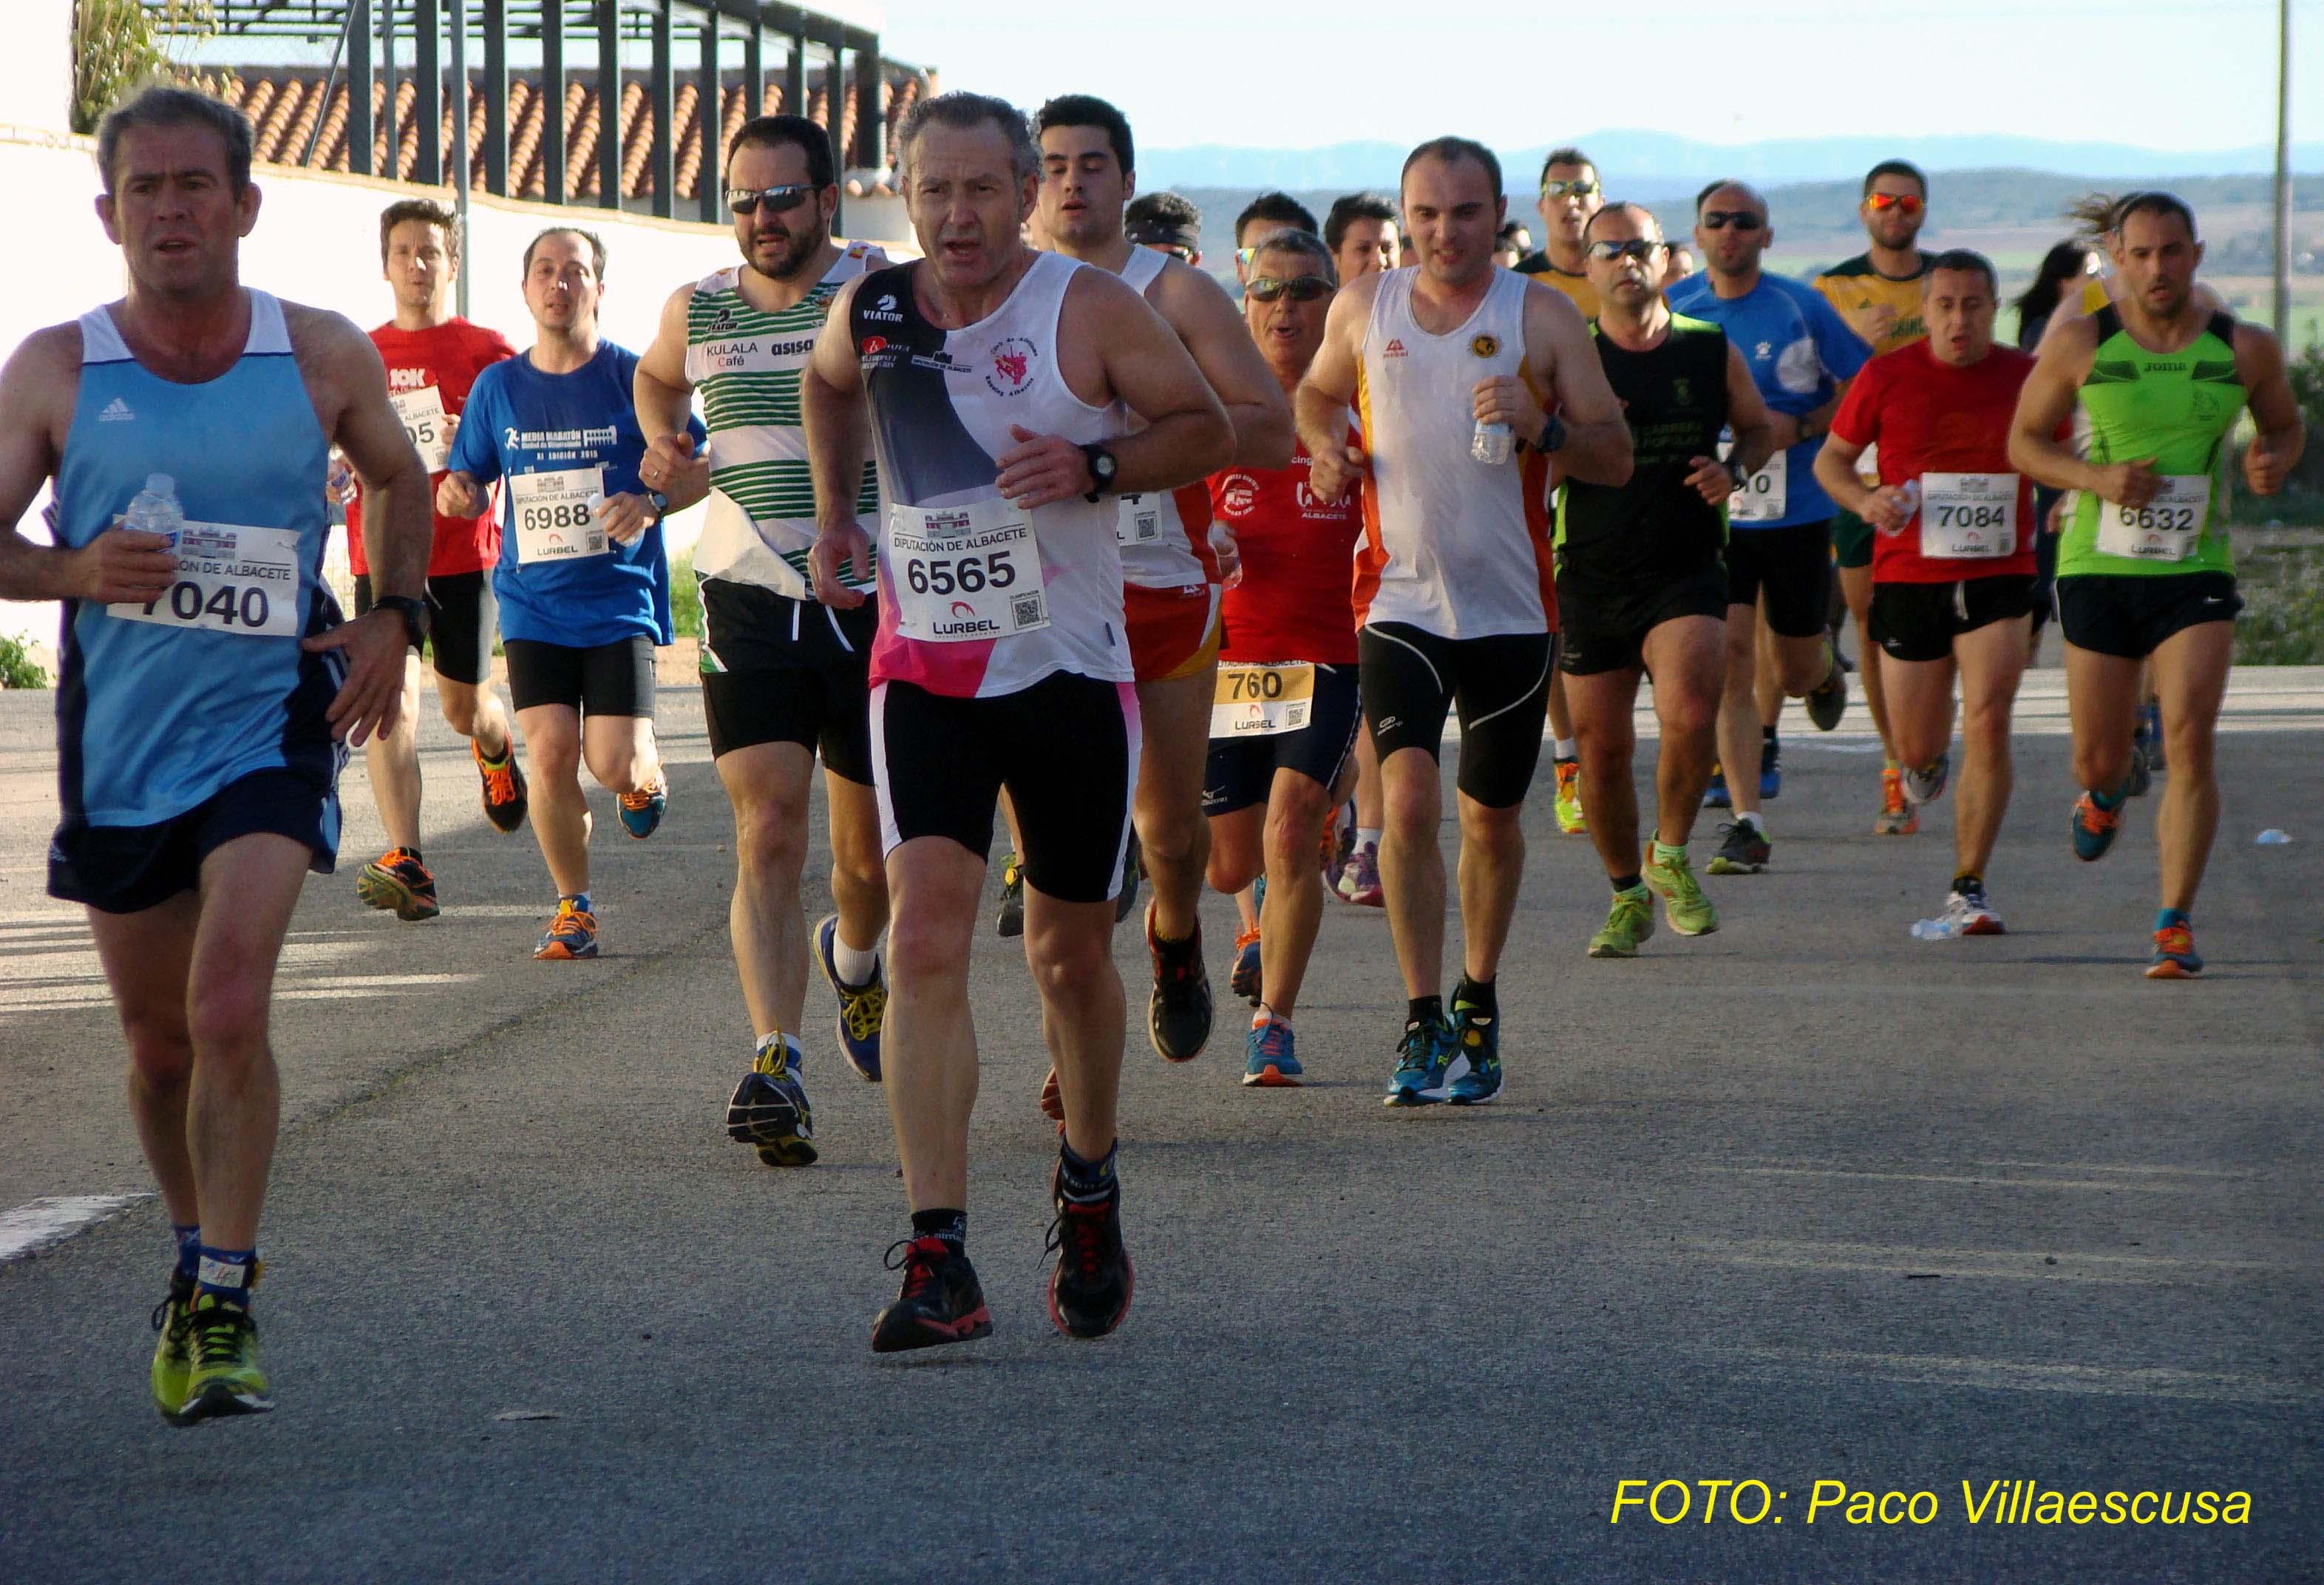 Atletas populares en Barrax 3 (Foto: Paco Villaescusa)